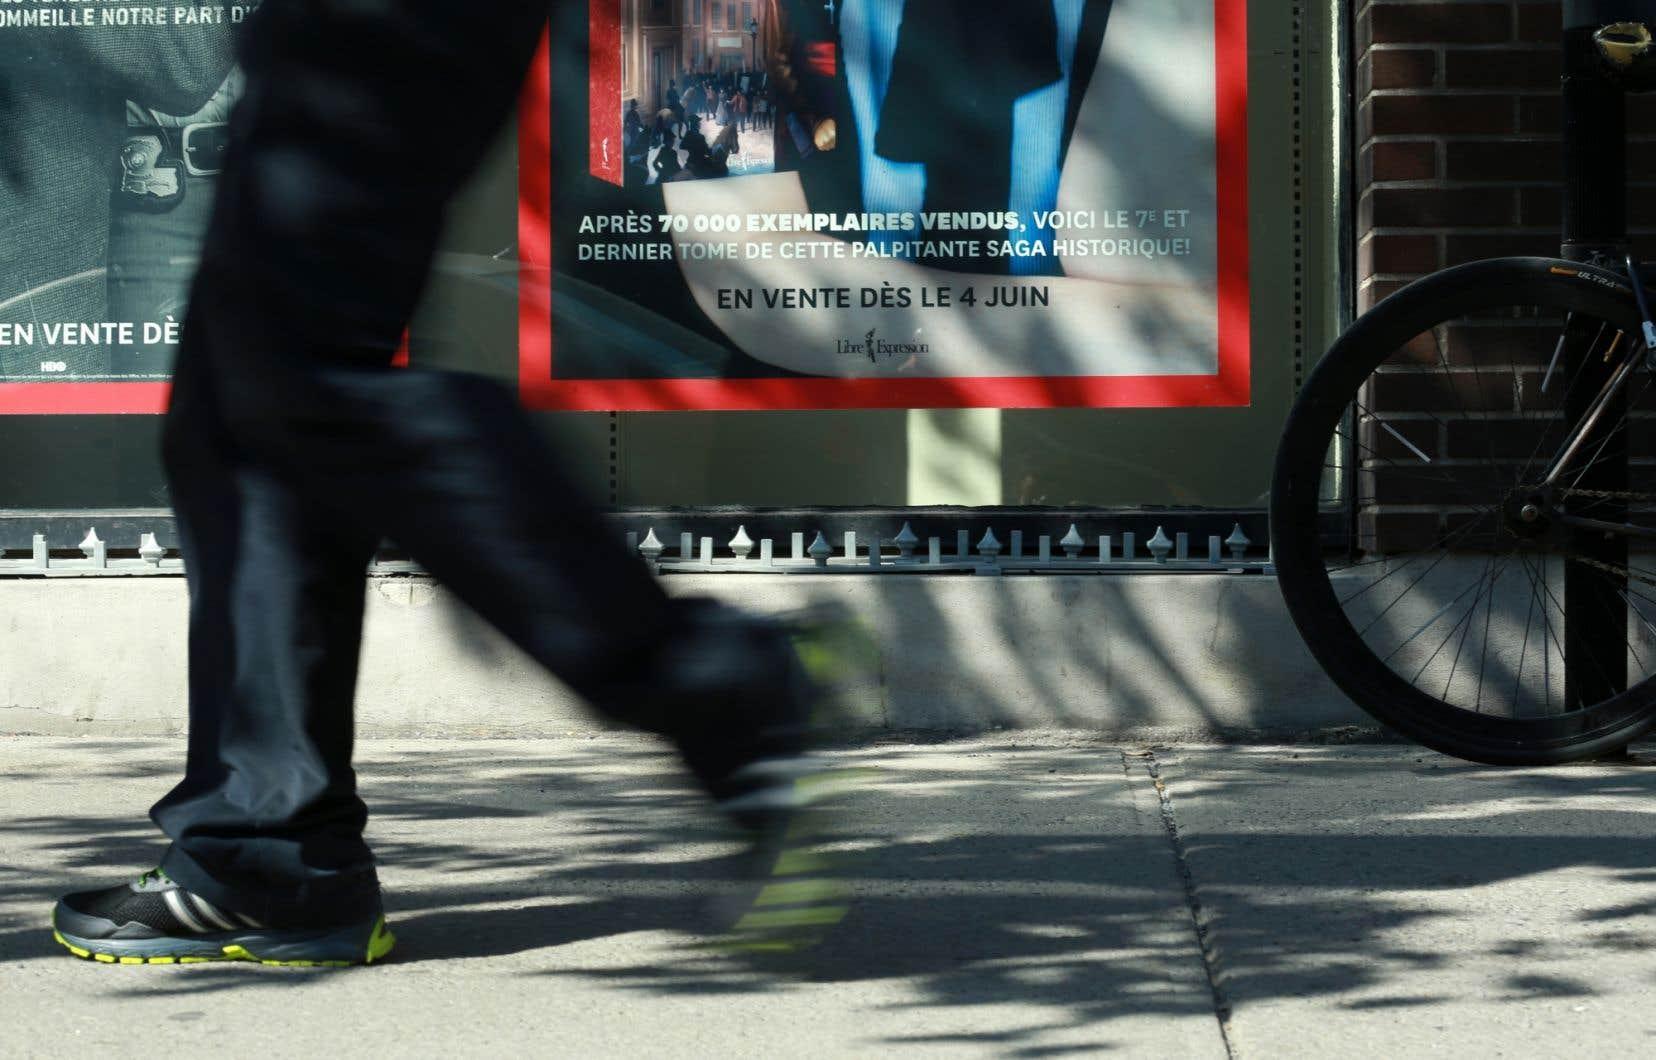 Les «pics» anti-itinérants situés en face de la vitrine du Archambault à Montréal ont été retirés.